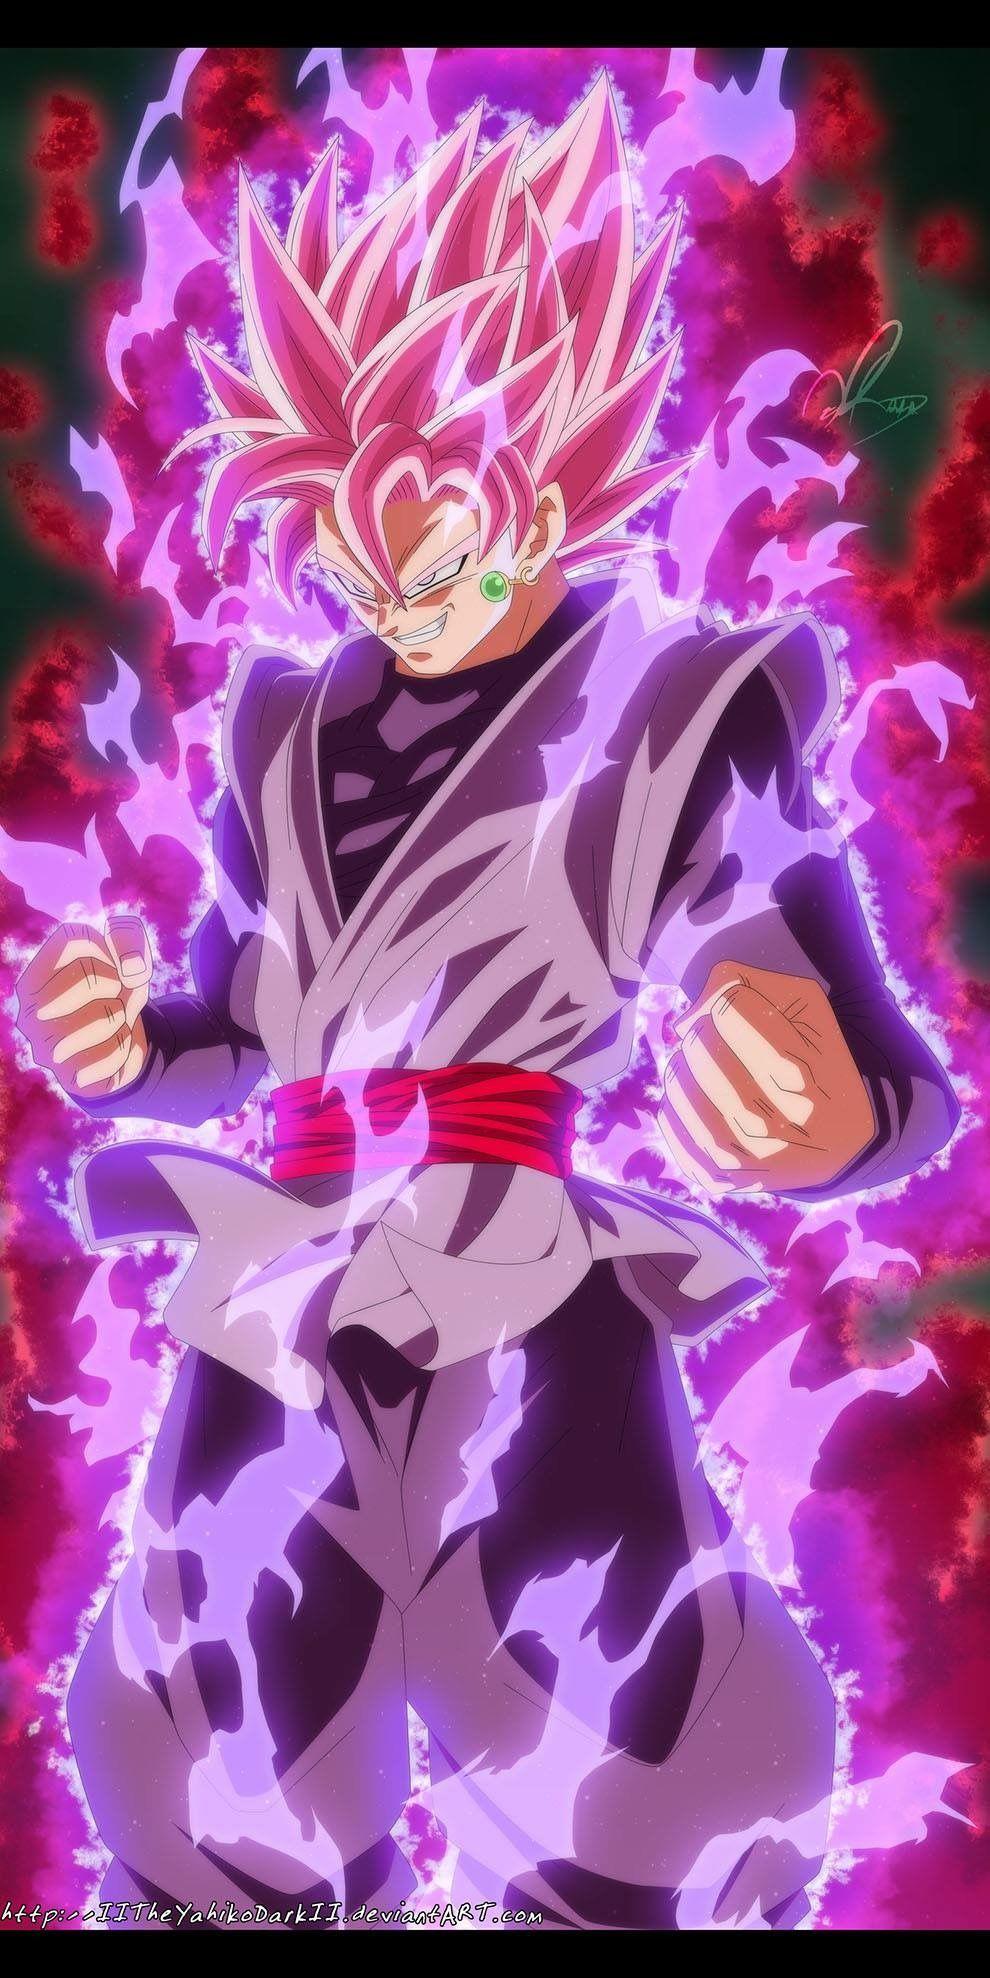 Black Ssjrose Dibujo De Goku Dibujos De Goku Black Y